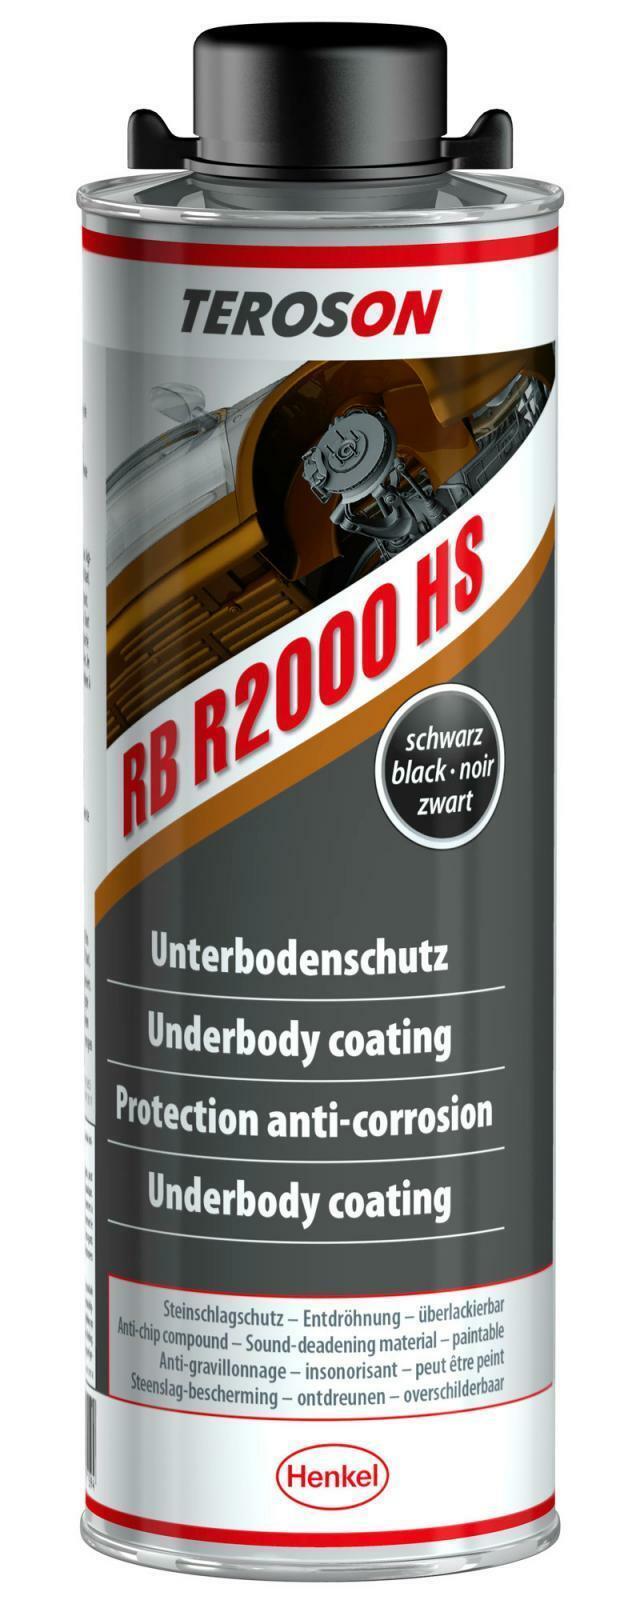 TEROSON RB R2000 767197 Unterbodenschutz